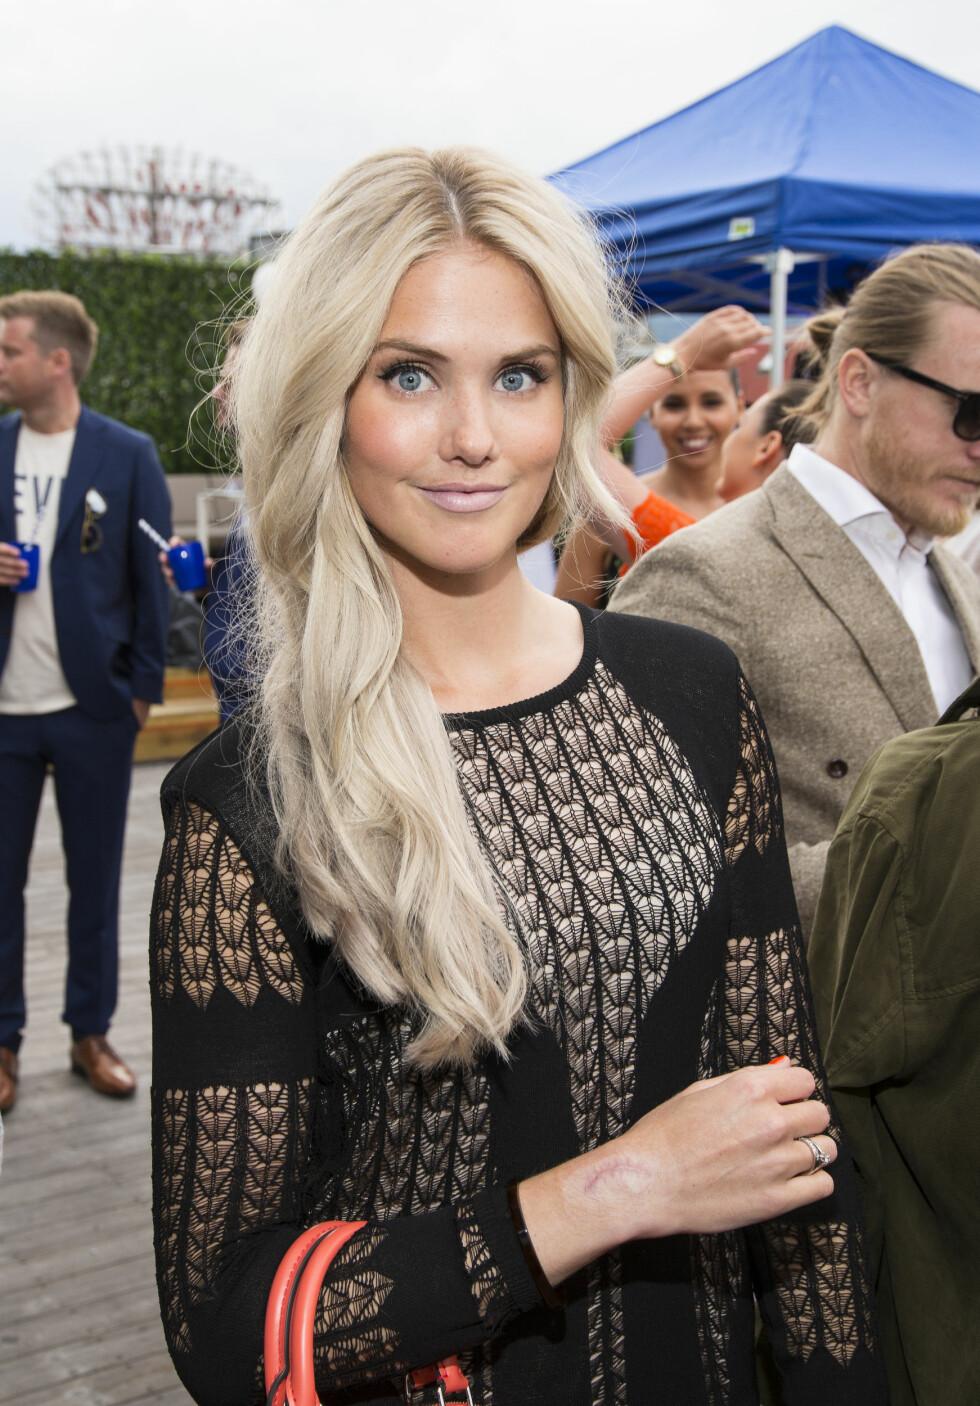 SKJØNNHET: Silje Norendal slo seg løs under magasinet ELLEs sommerfest i Oslo tidligere denne måneden.  Foto: Tor Lindseth